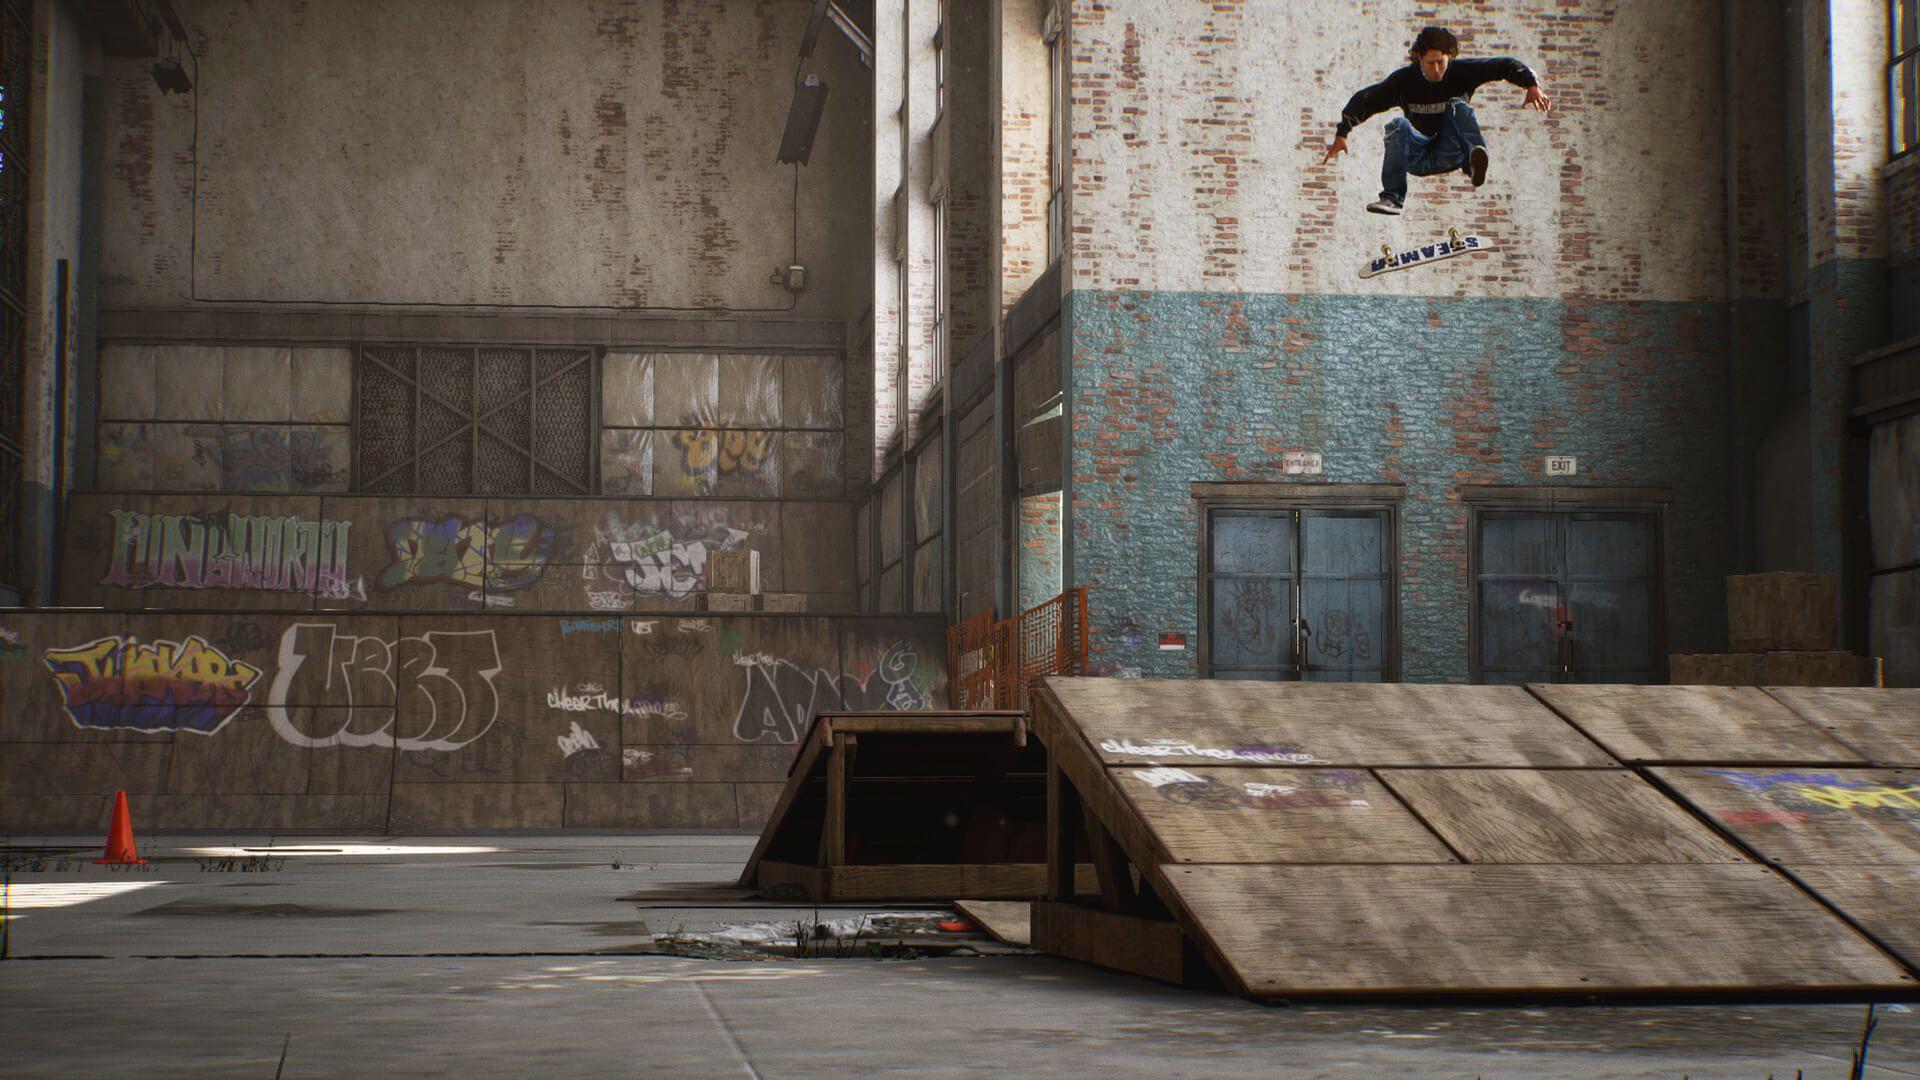 Tony Hawk's Pro Skater 1+2 Wallpapers - Wallpaper Cave